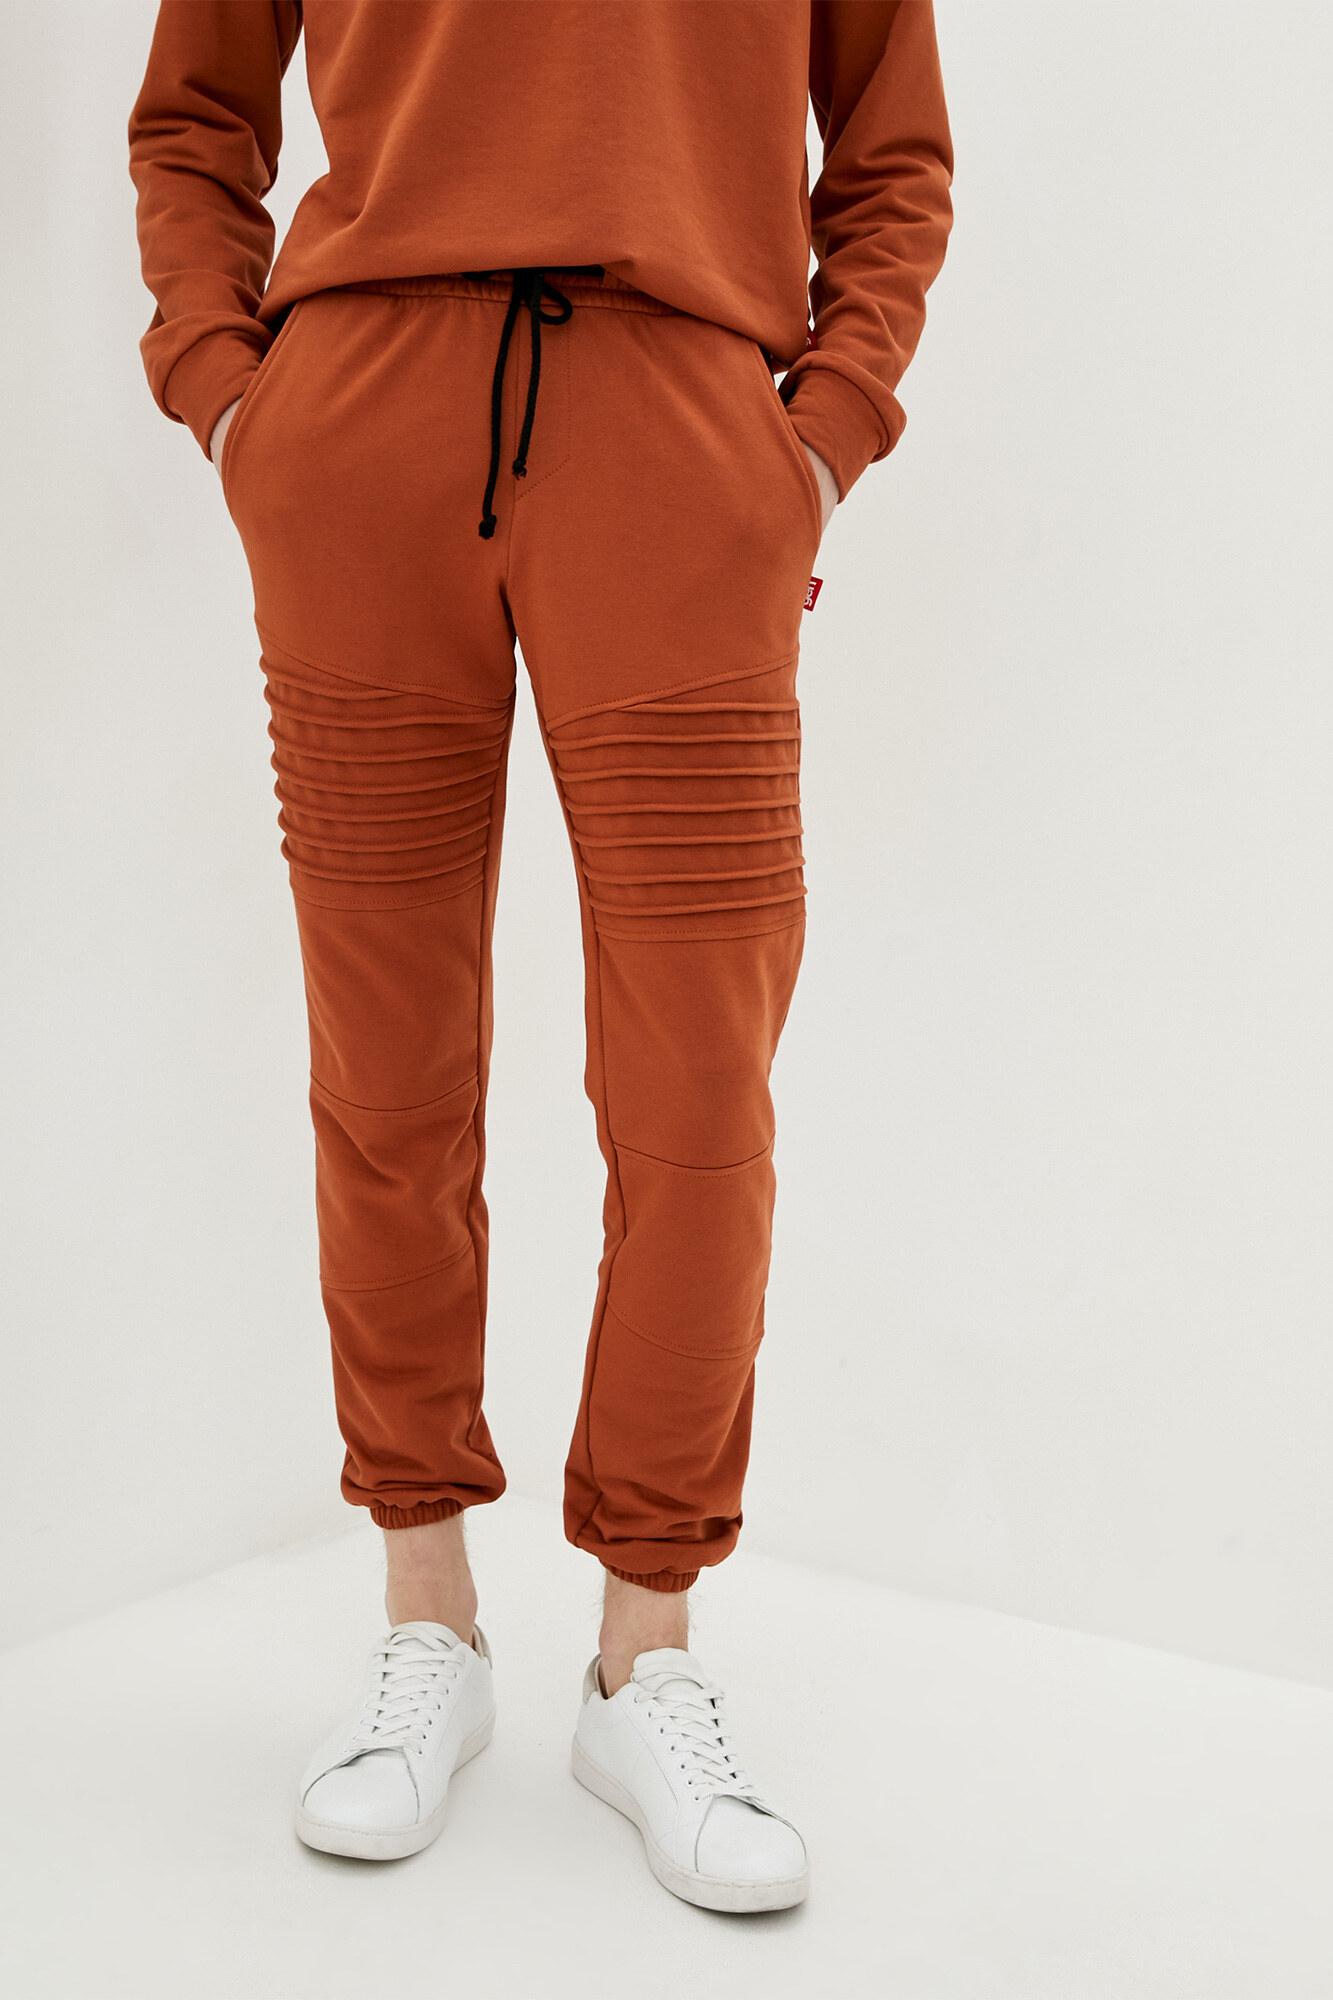 Спортивные штаны джоггеры в рыжем цвете GEN